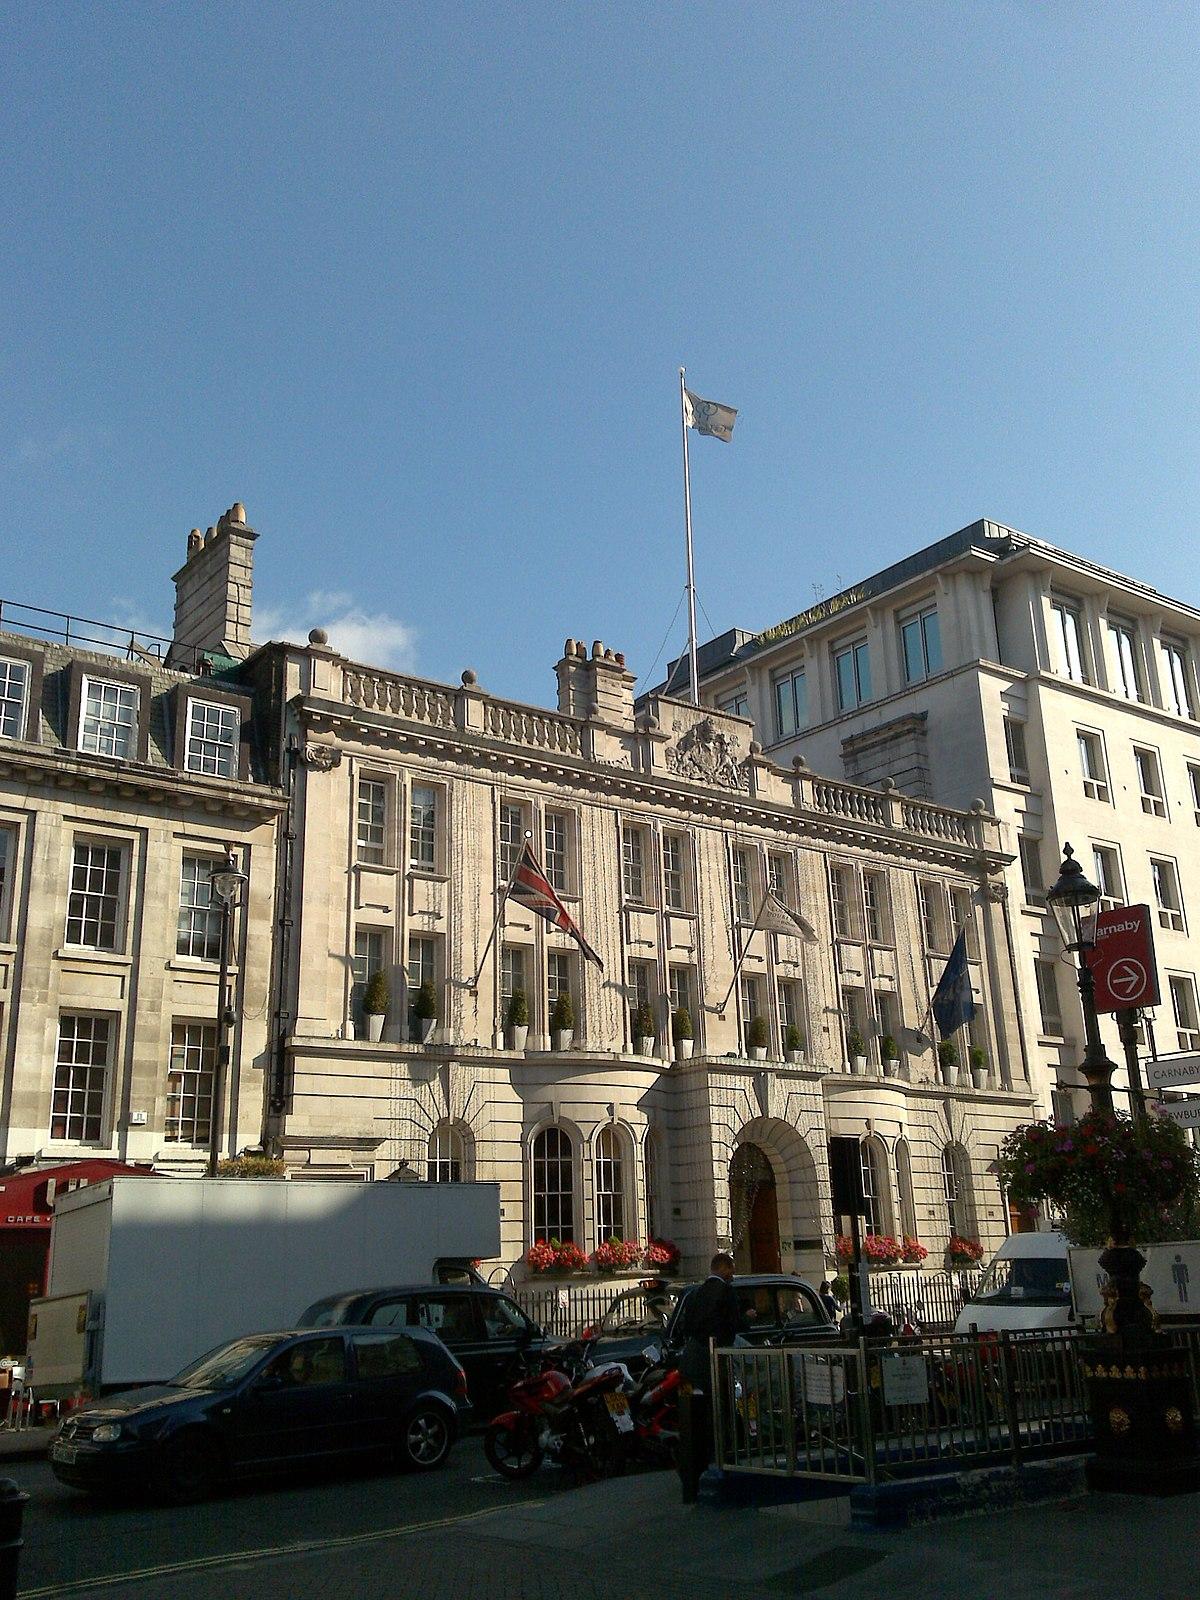 courthouse hotel wikidata